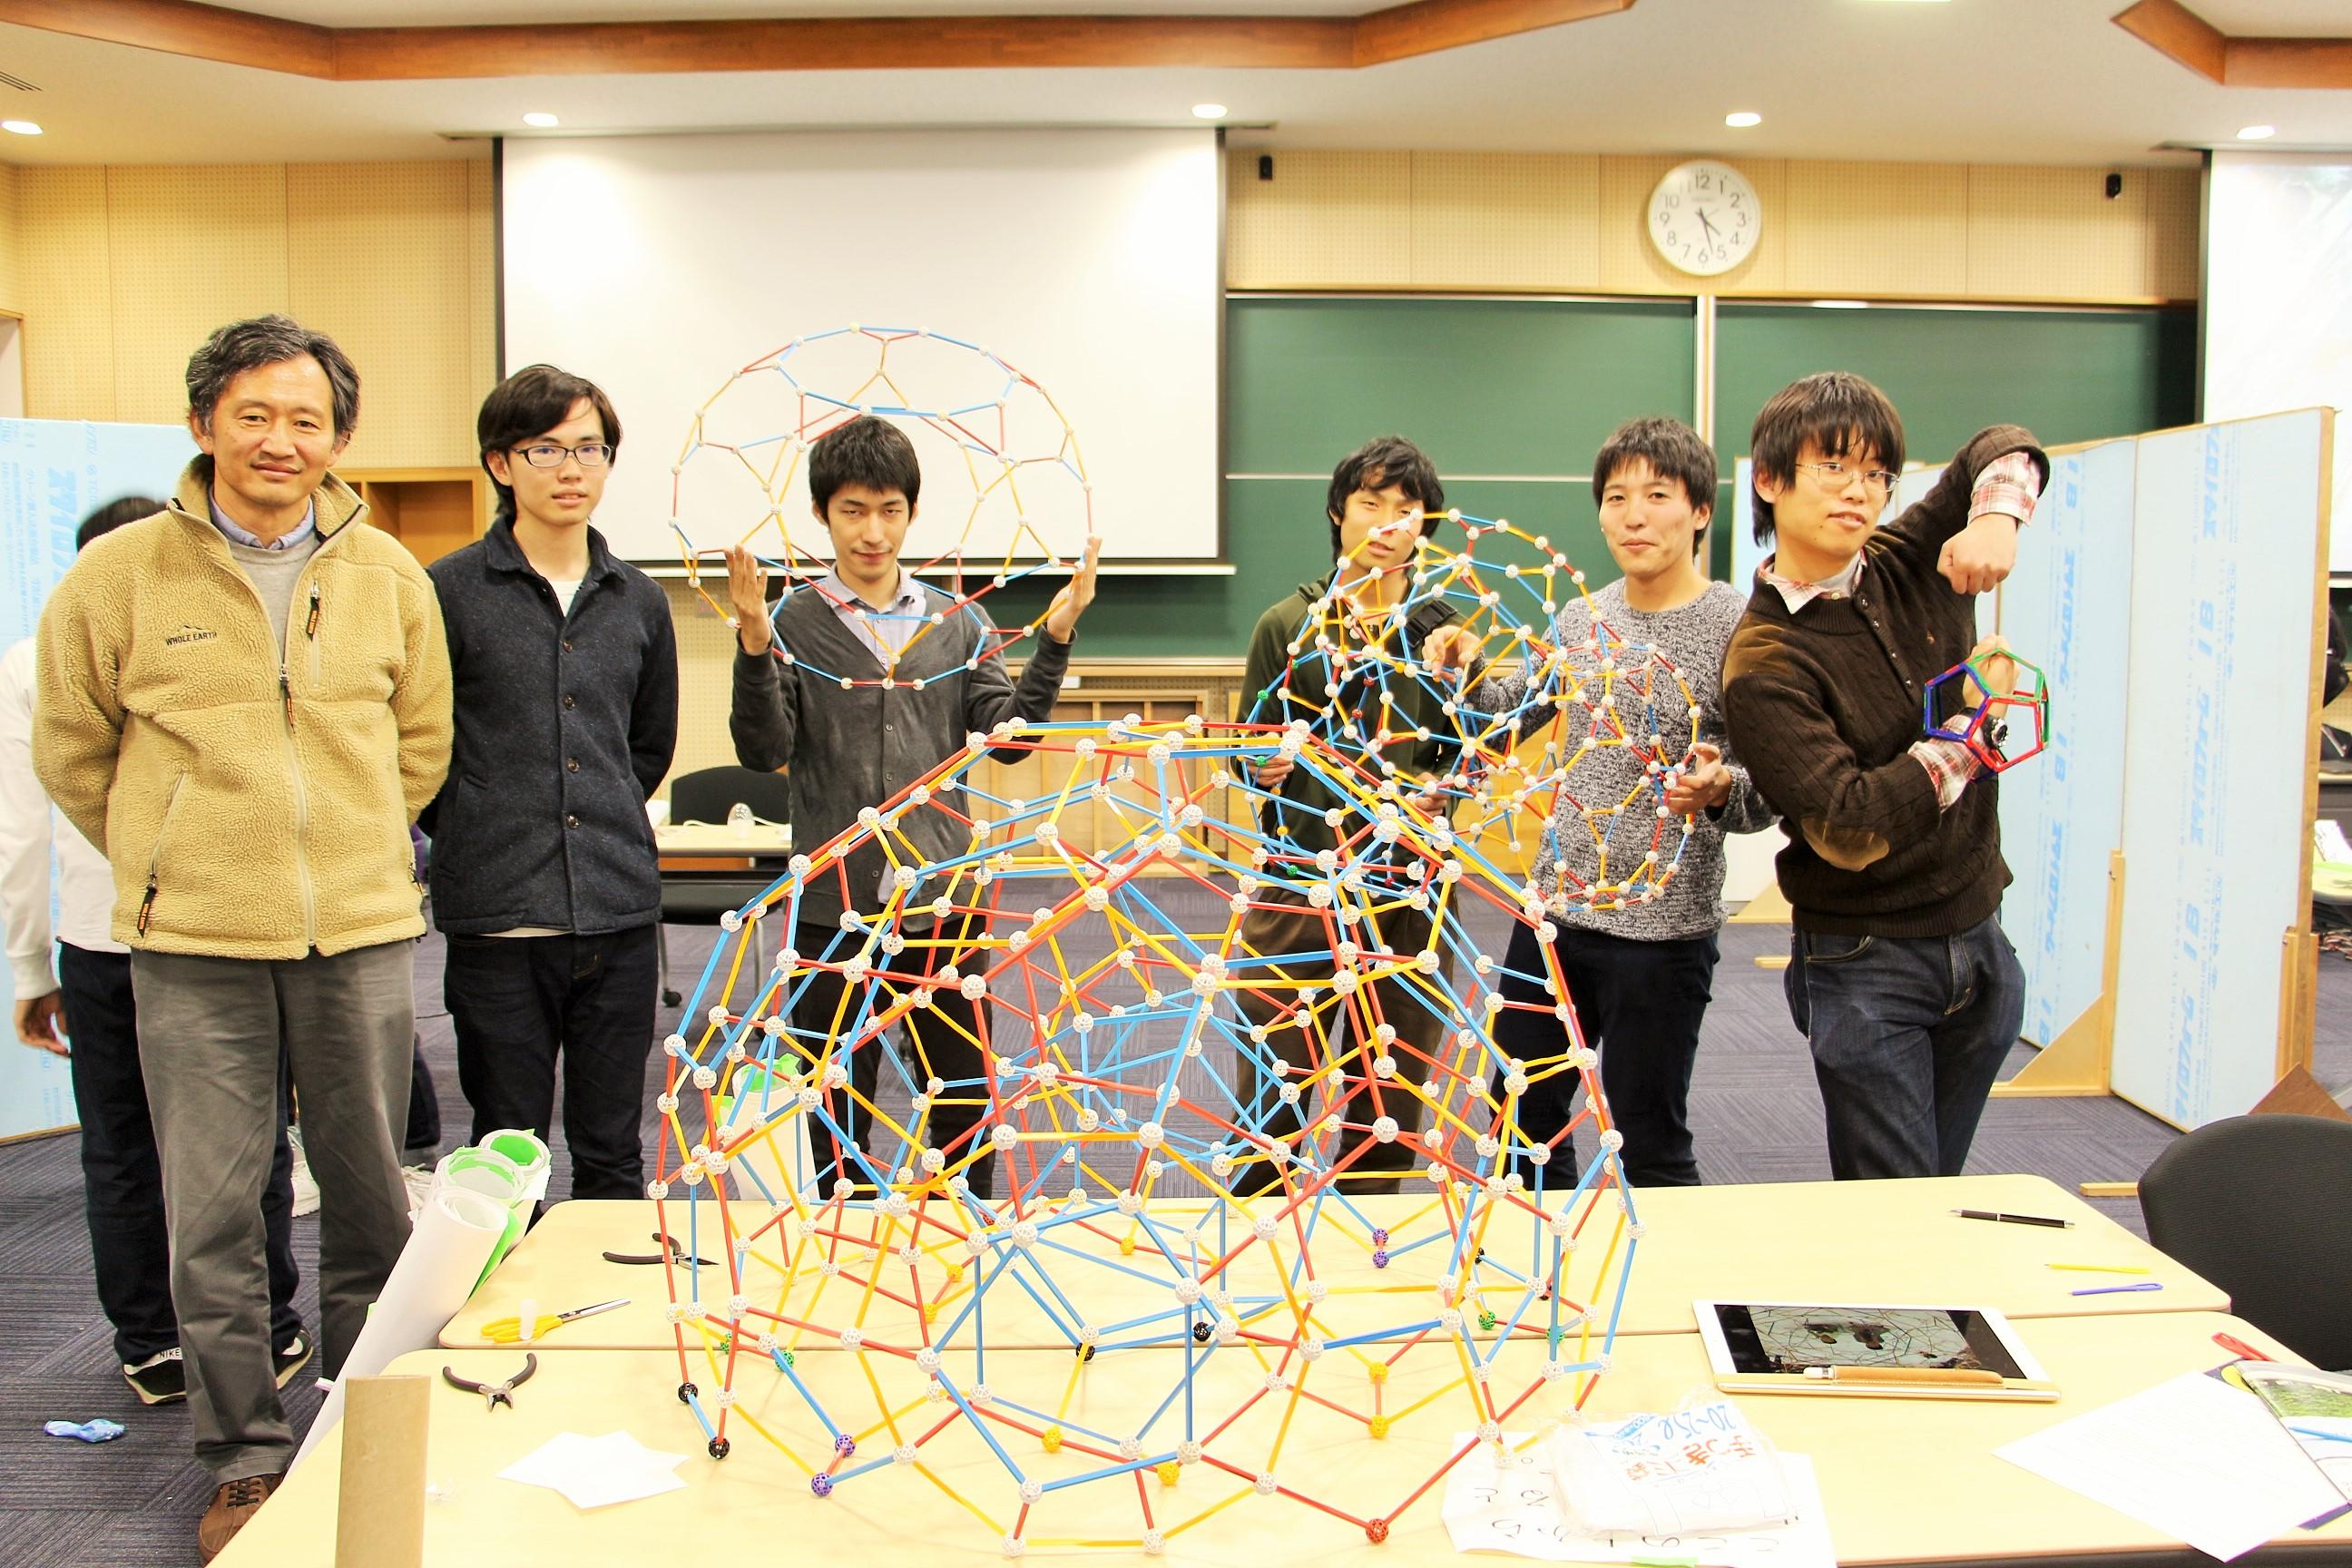 京都大学学園祭(通称NF)、研究室企画の実験に目が釘付けだ!